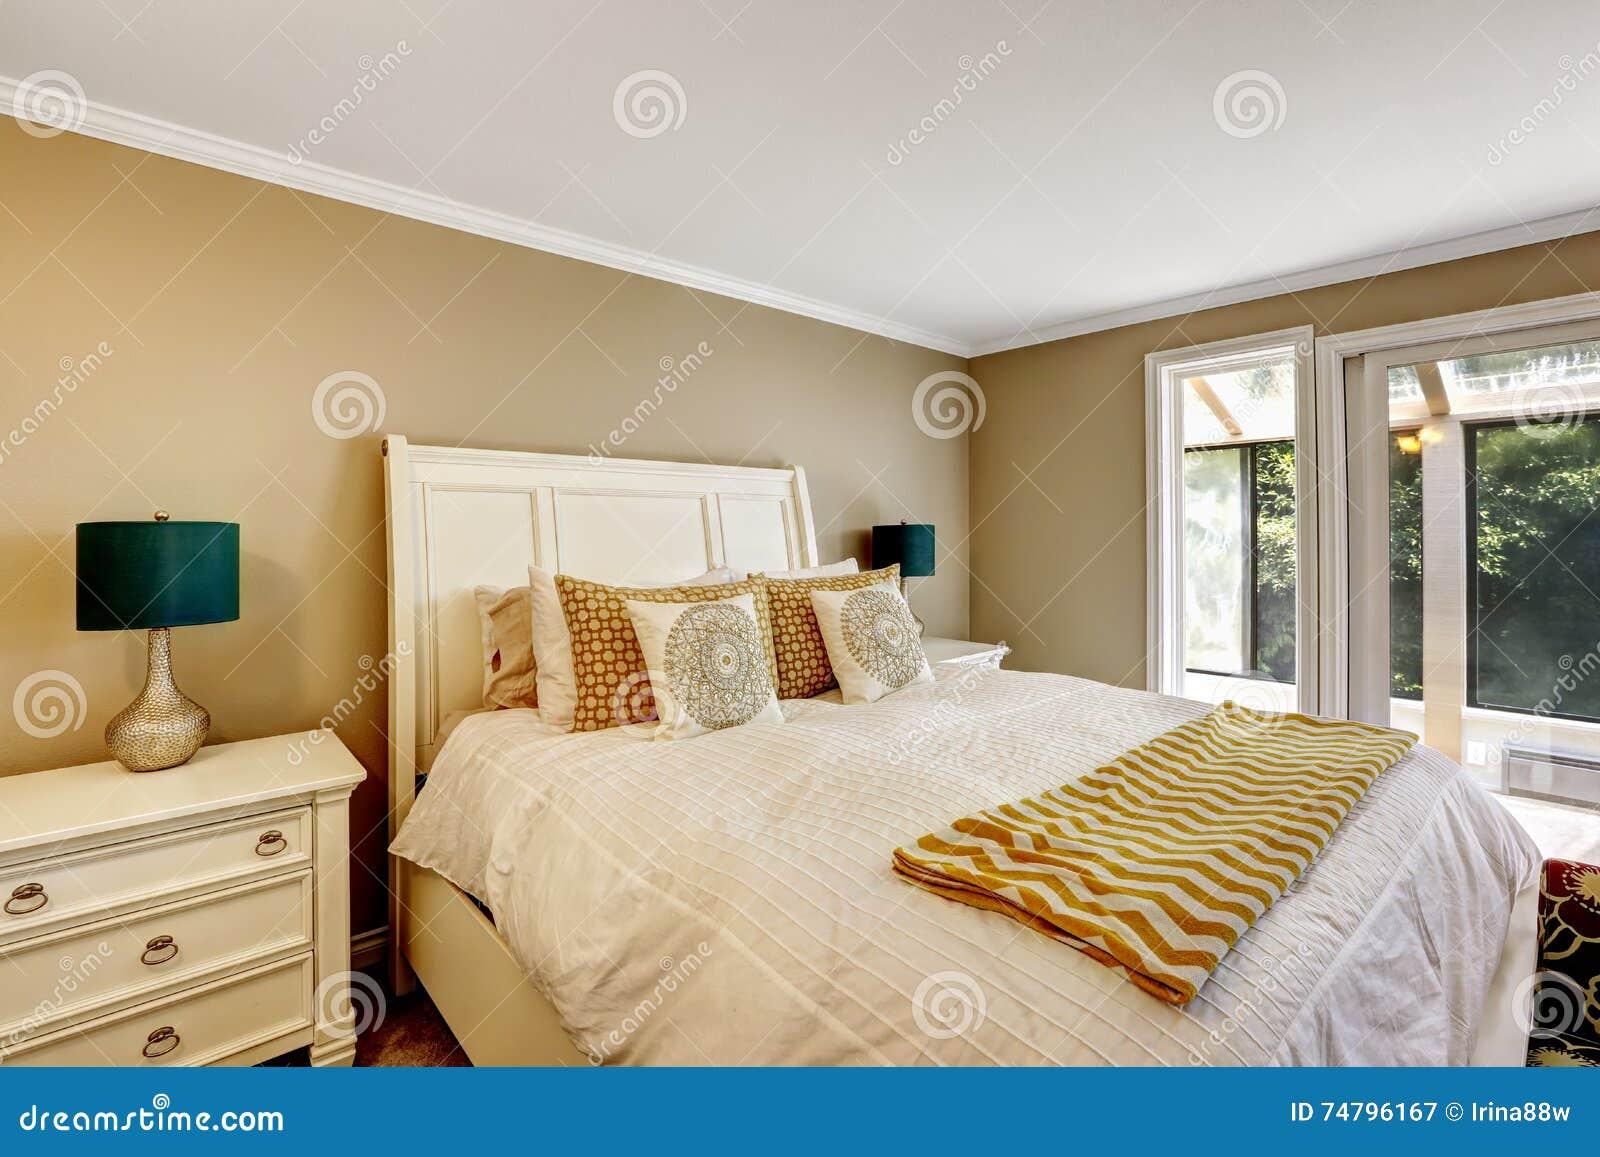 Elegantes Schlafzimmer Herein Im Amerikanischen Stil Mit Weißem ...